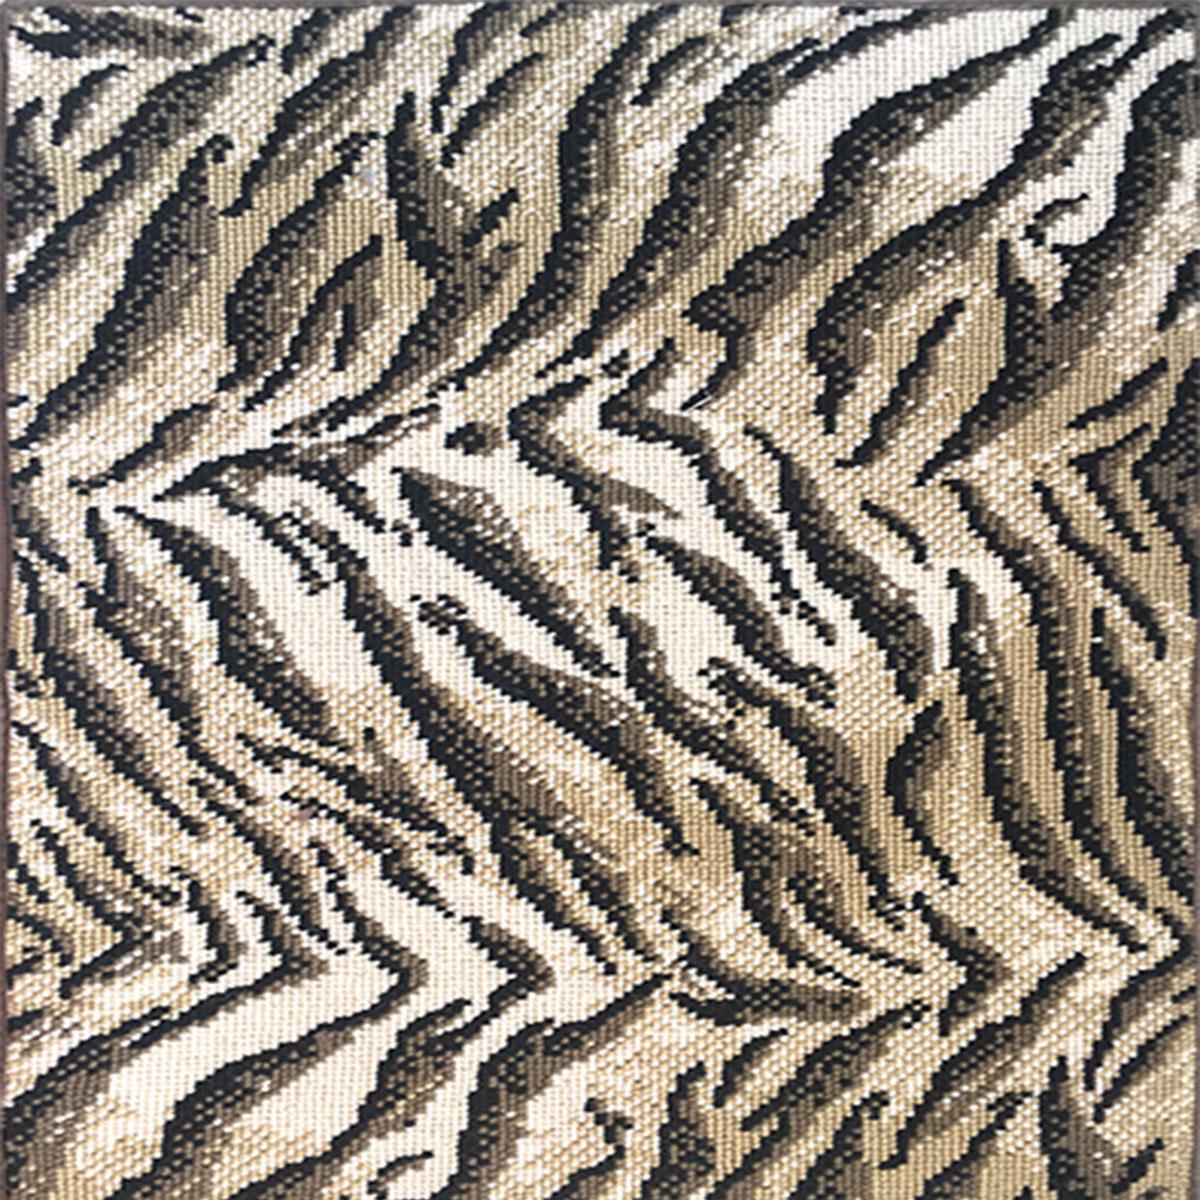 kenya-tigress_wool_broadloom_patterson-flynn-martin_pfm